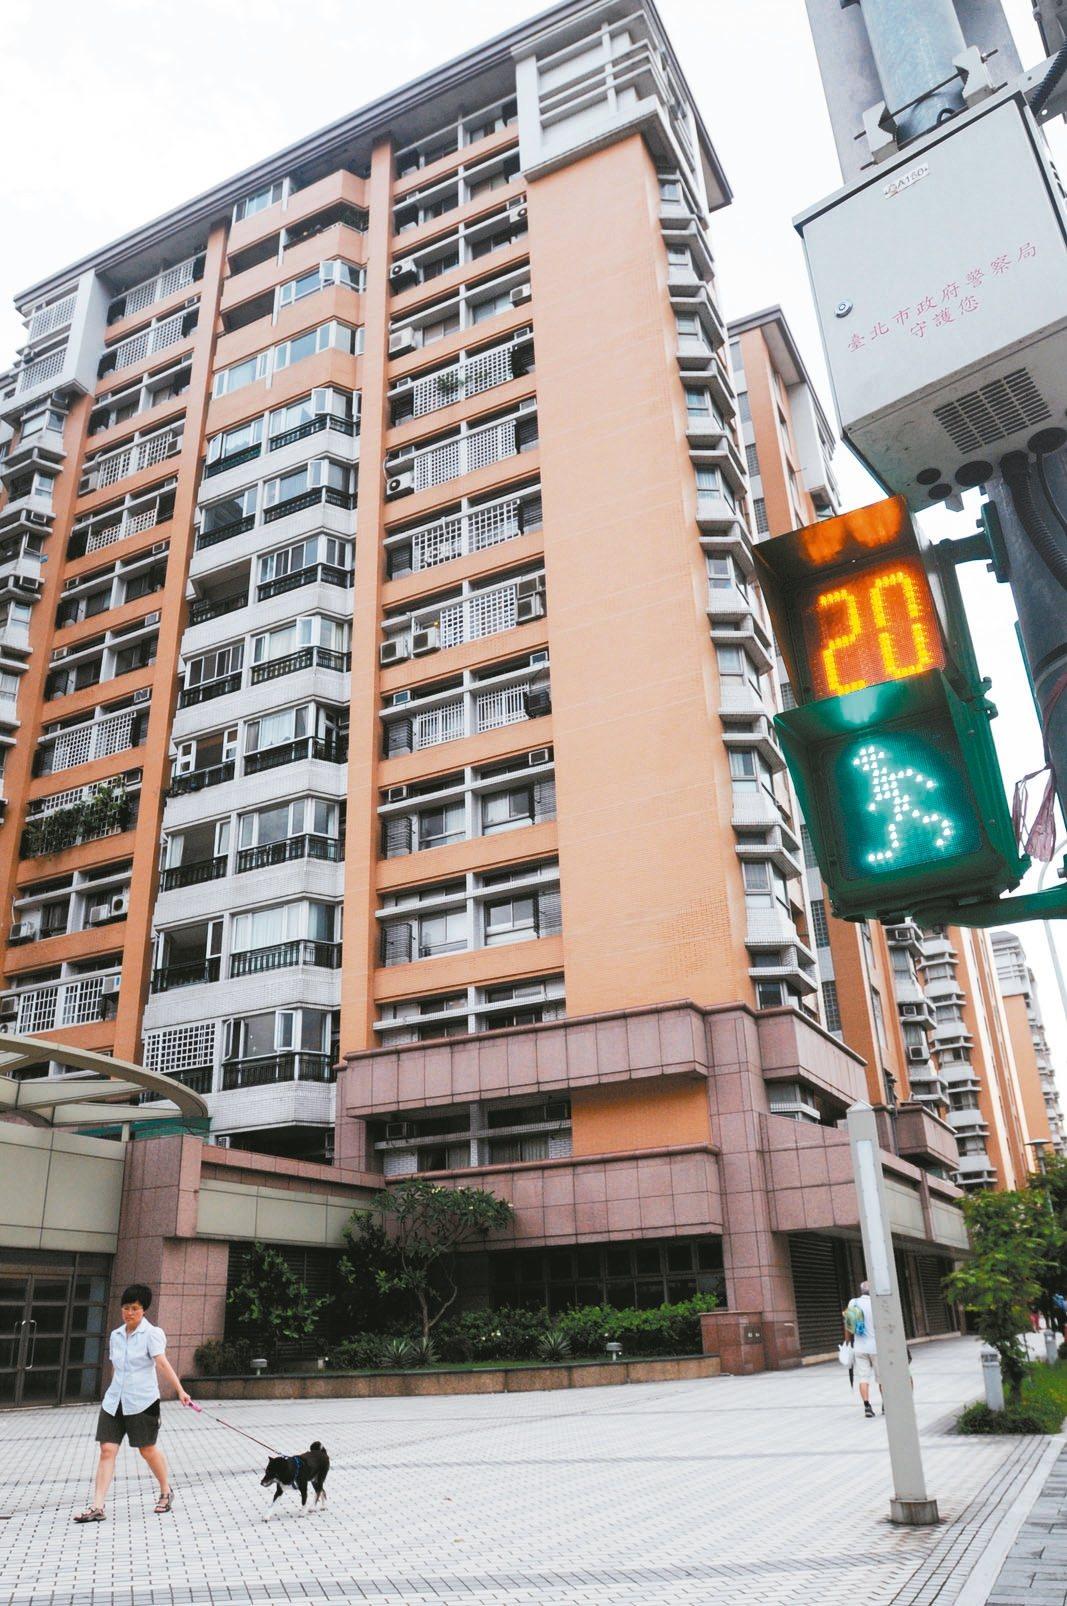 台北市政府力推調降單一且自住房屋稅率,從1.2%降至1%。 報系資料照片